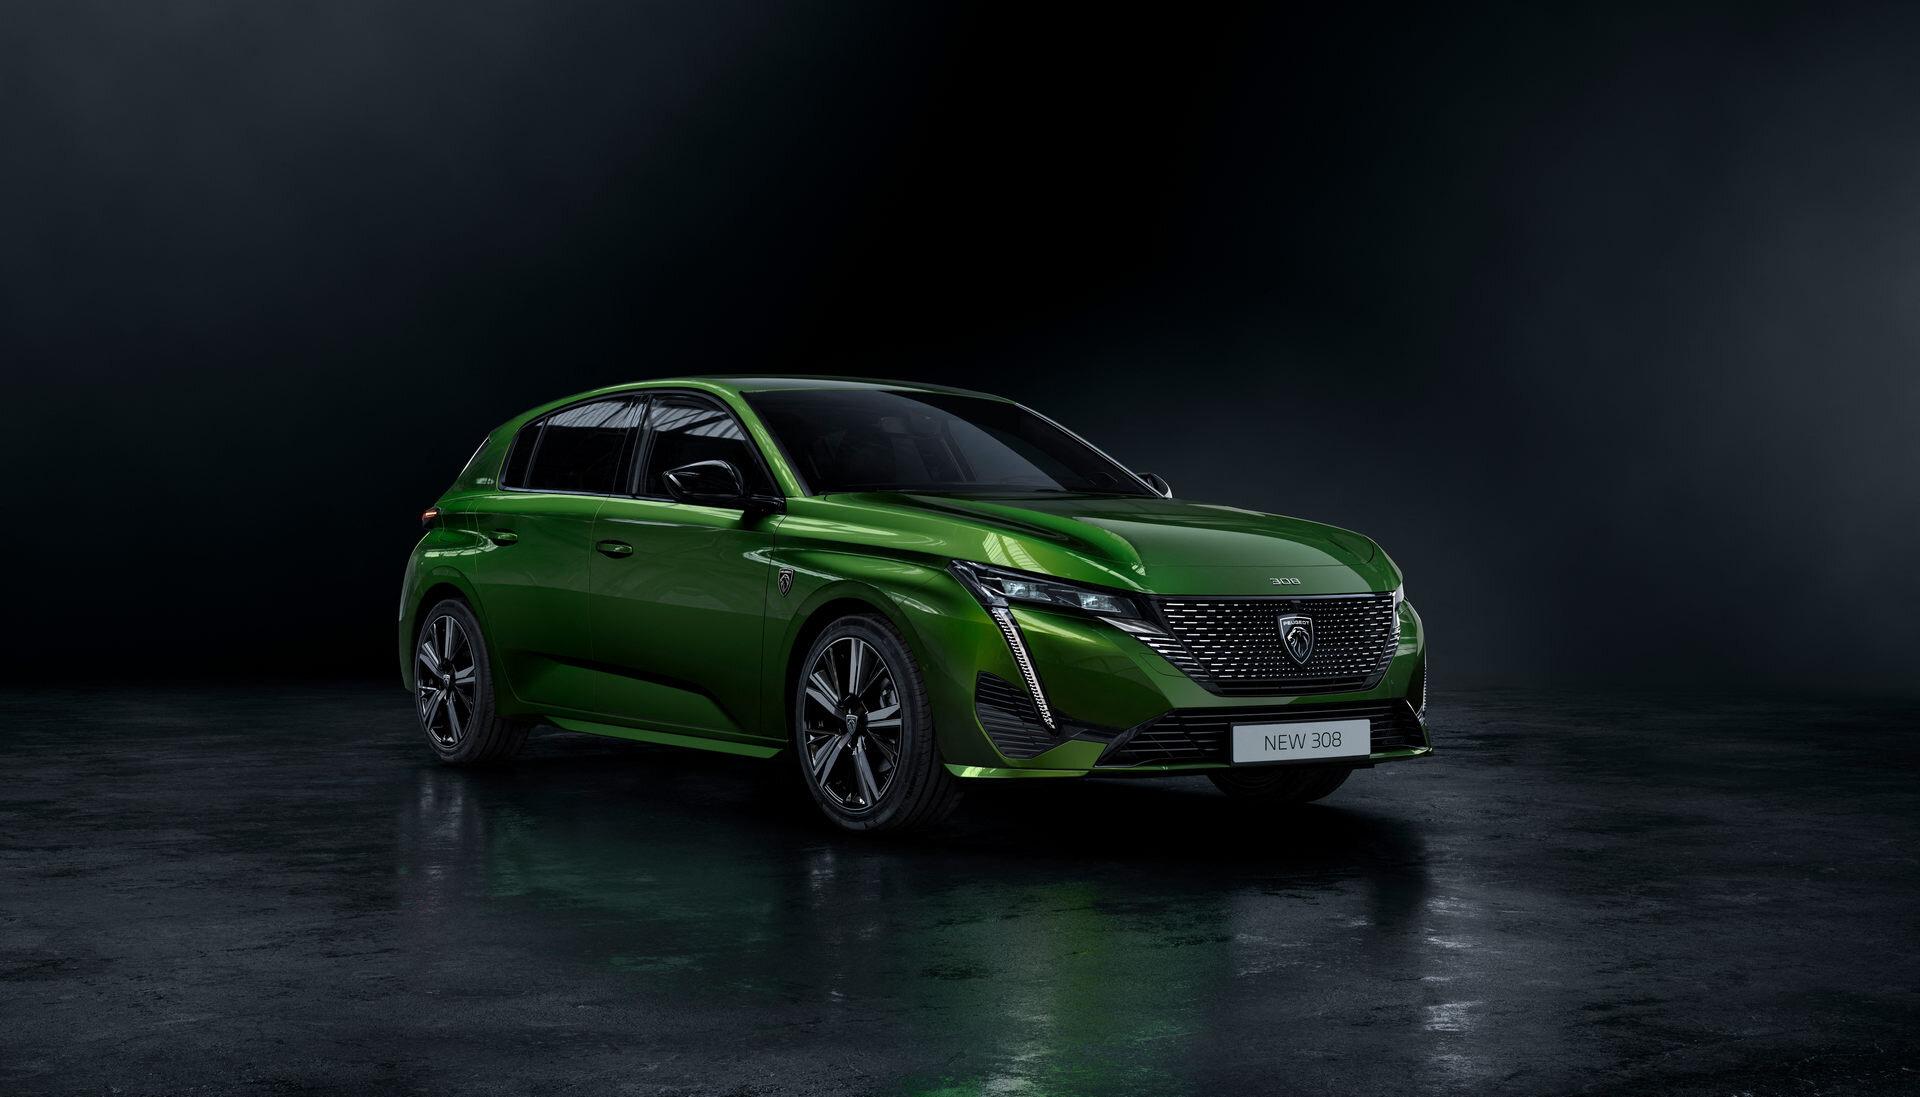 Состоялась мировая премьера нового поколения Peugeot308 1